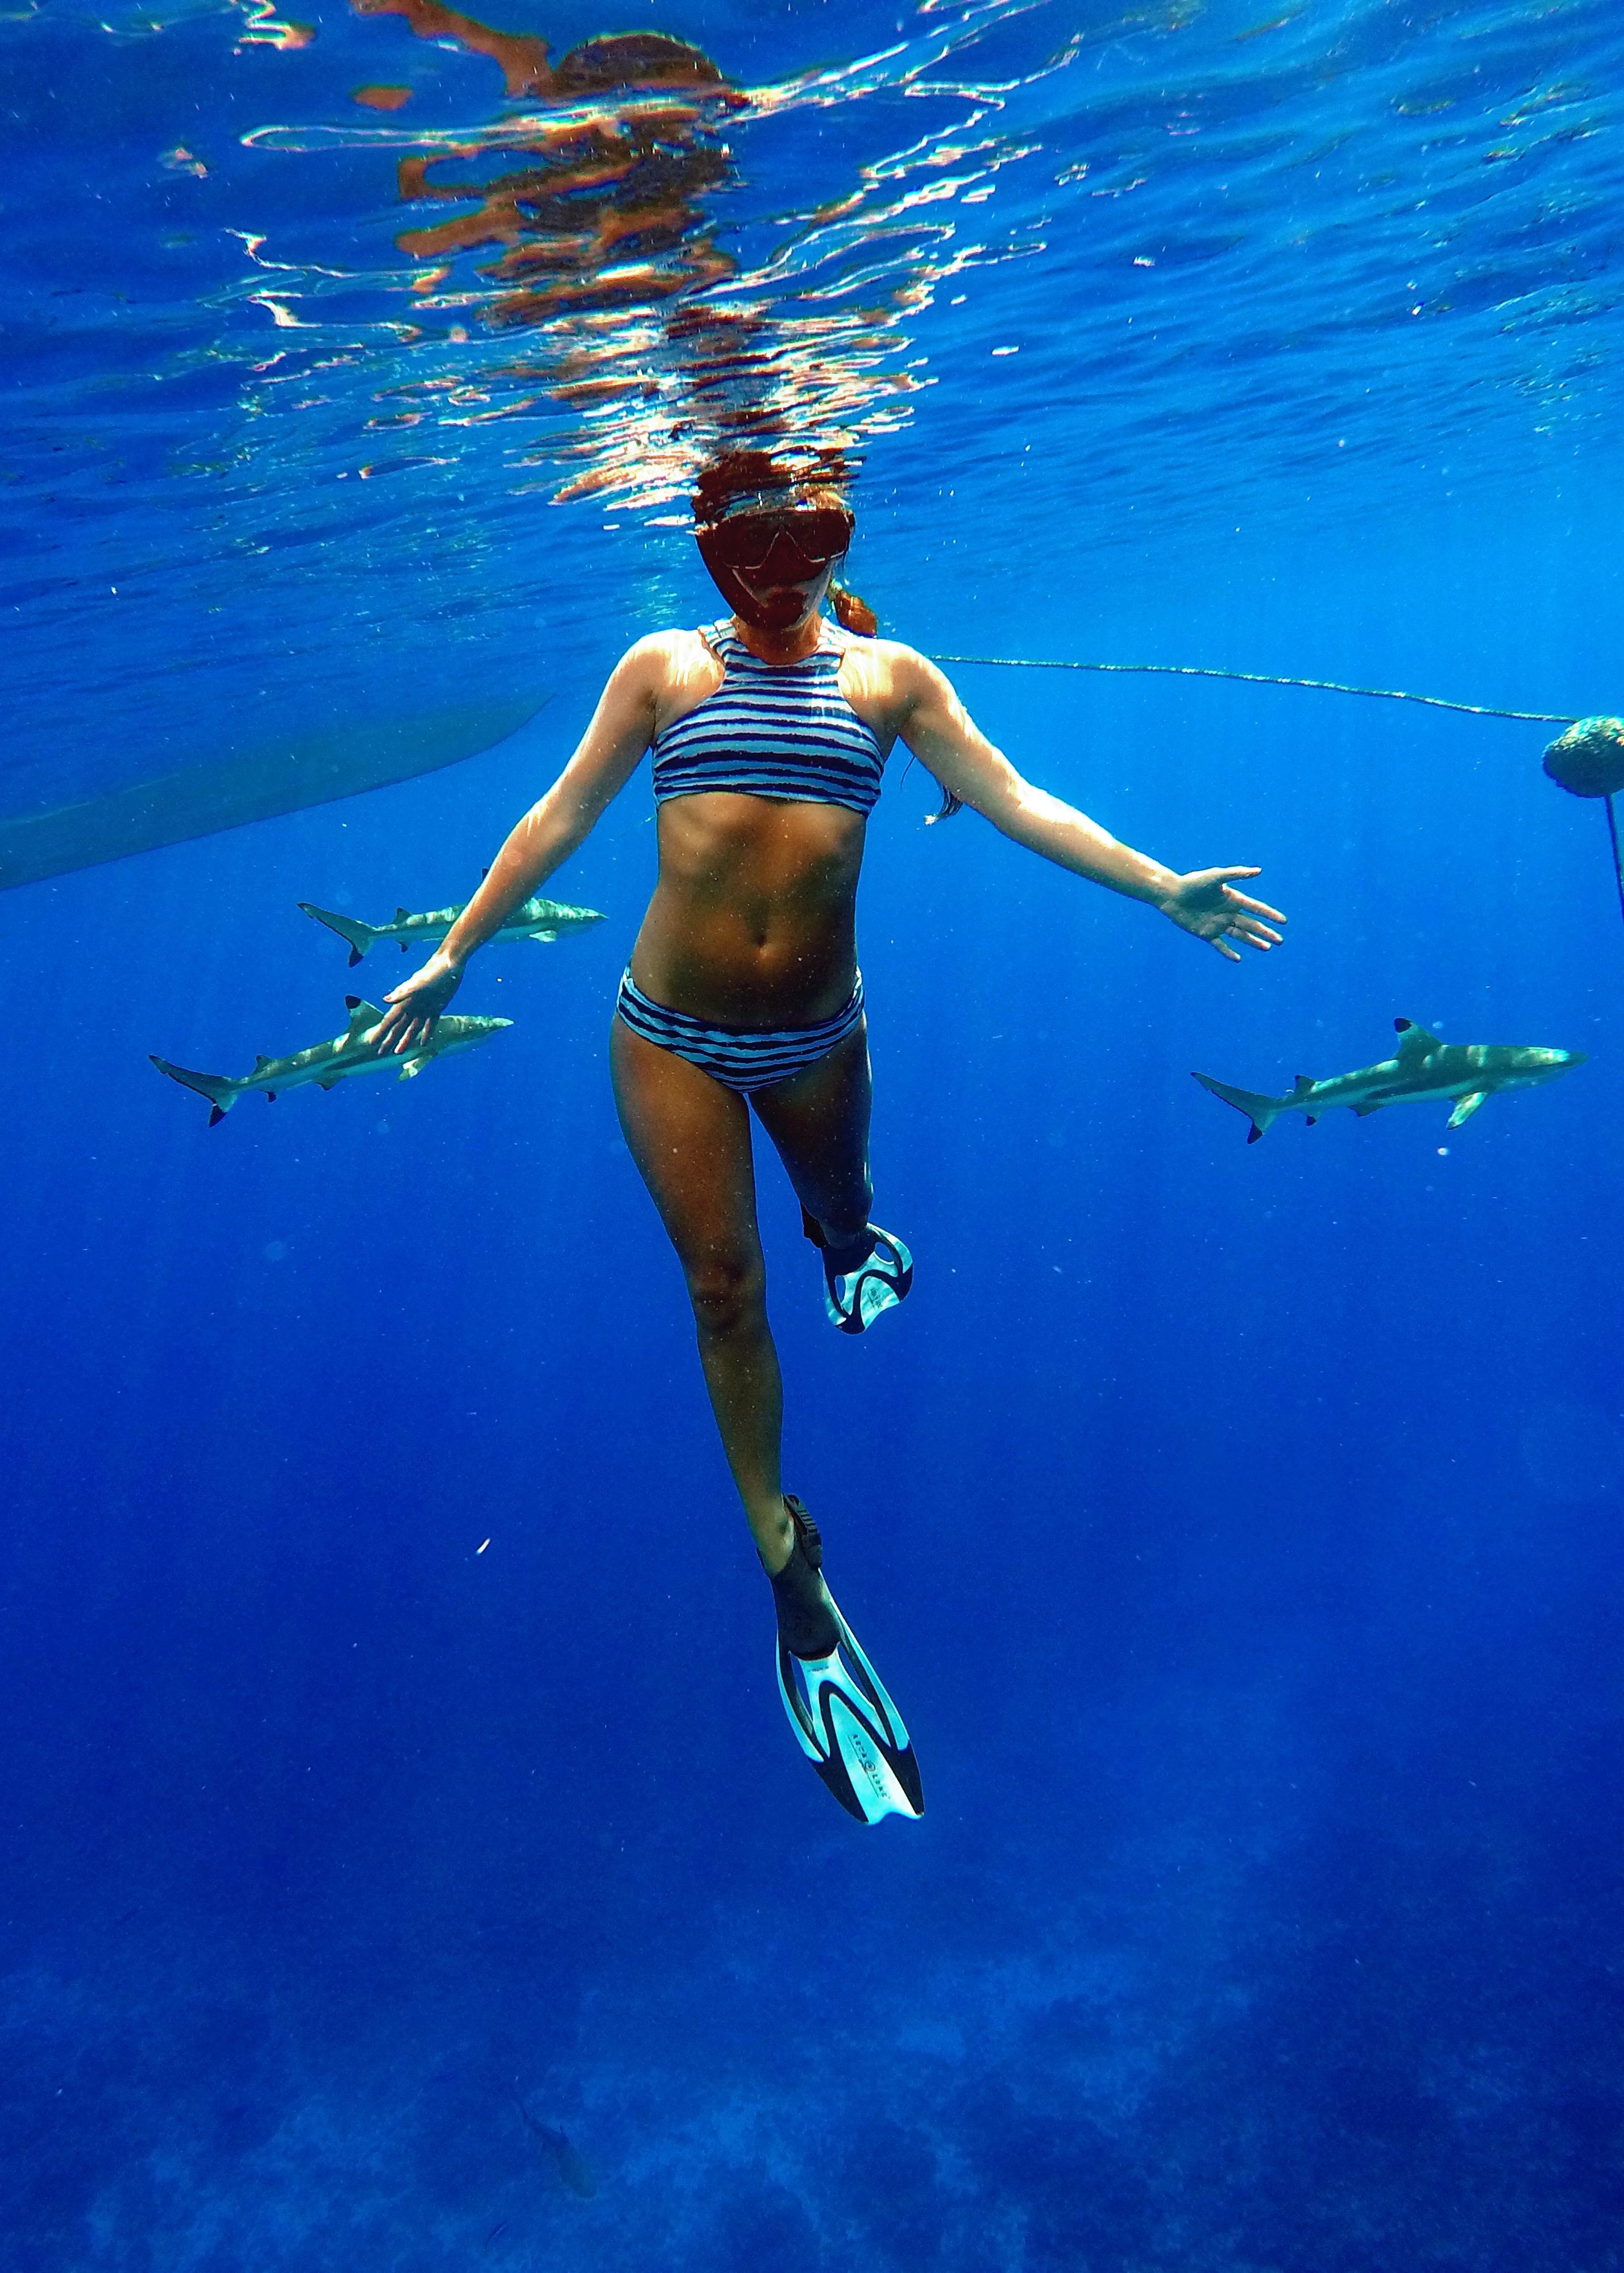 My Experience Swimming With Whales + Sharks - Freediving - Sharks in Tahiti - Diving In Tahiti - Diving With Sharks - Tahiti Trip - Bora Bora Honeymoon - Communikait by Kait Hanson